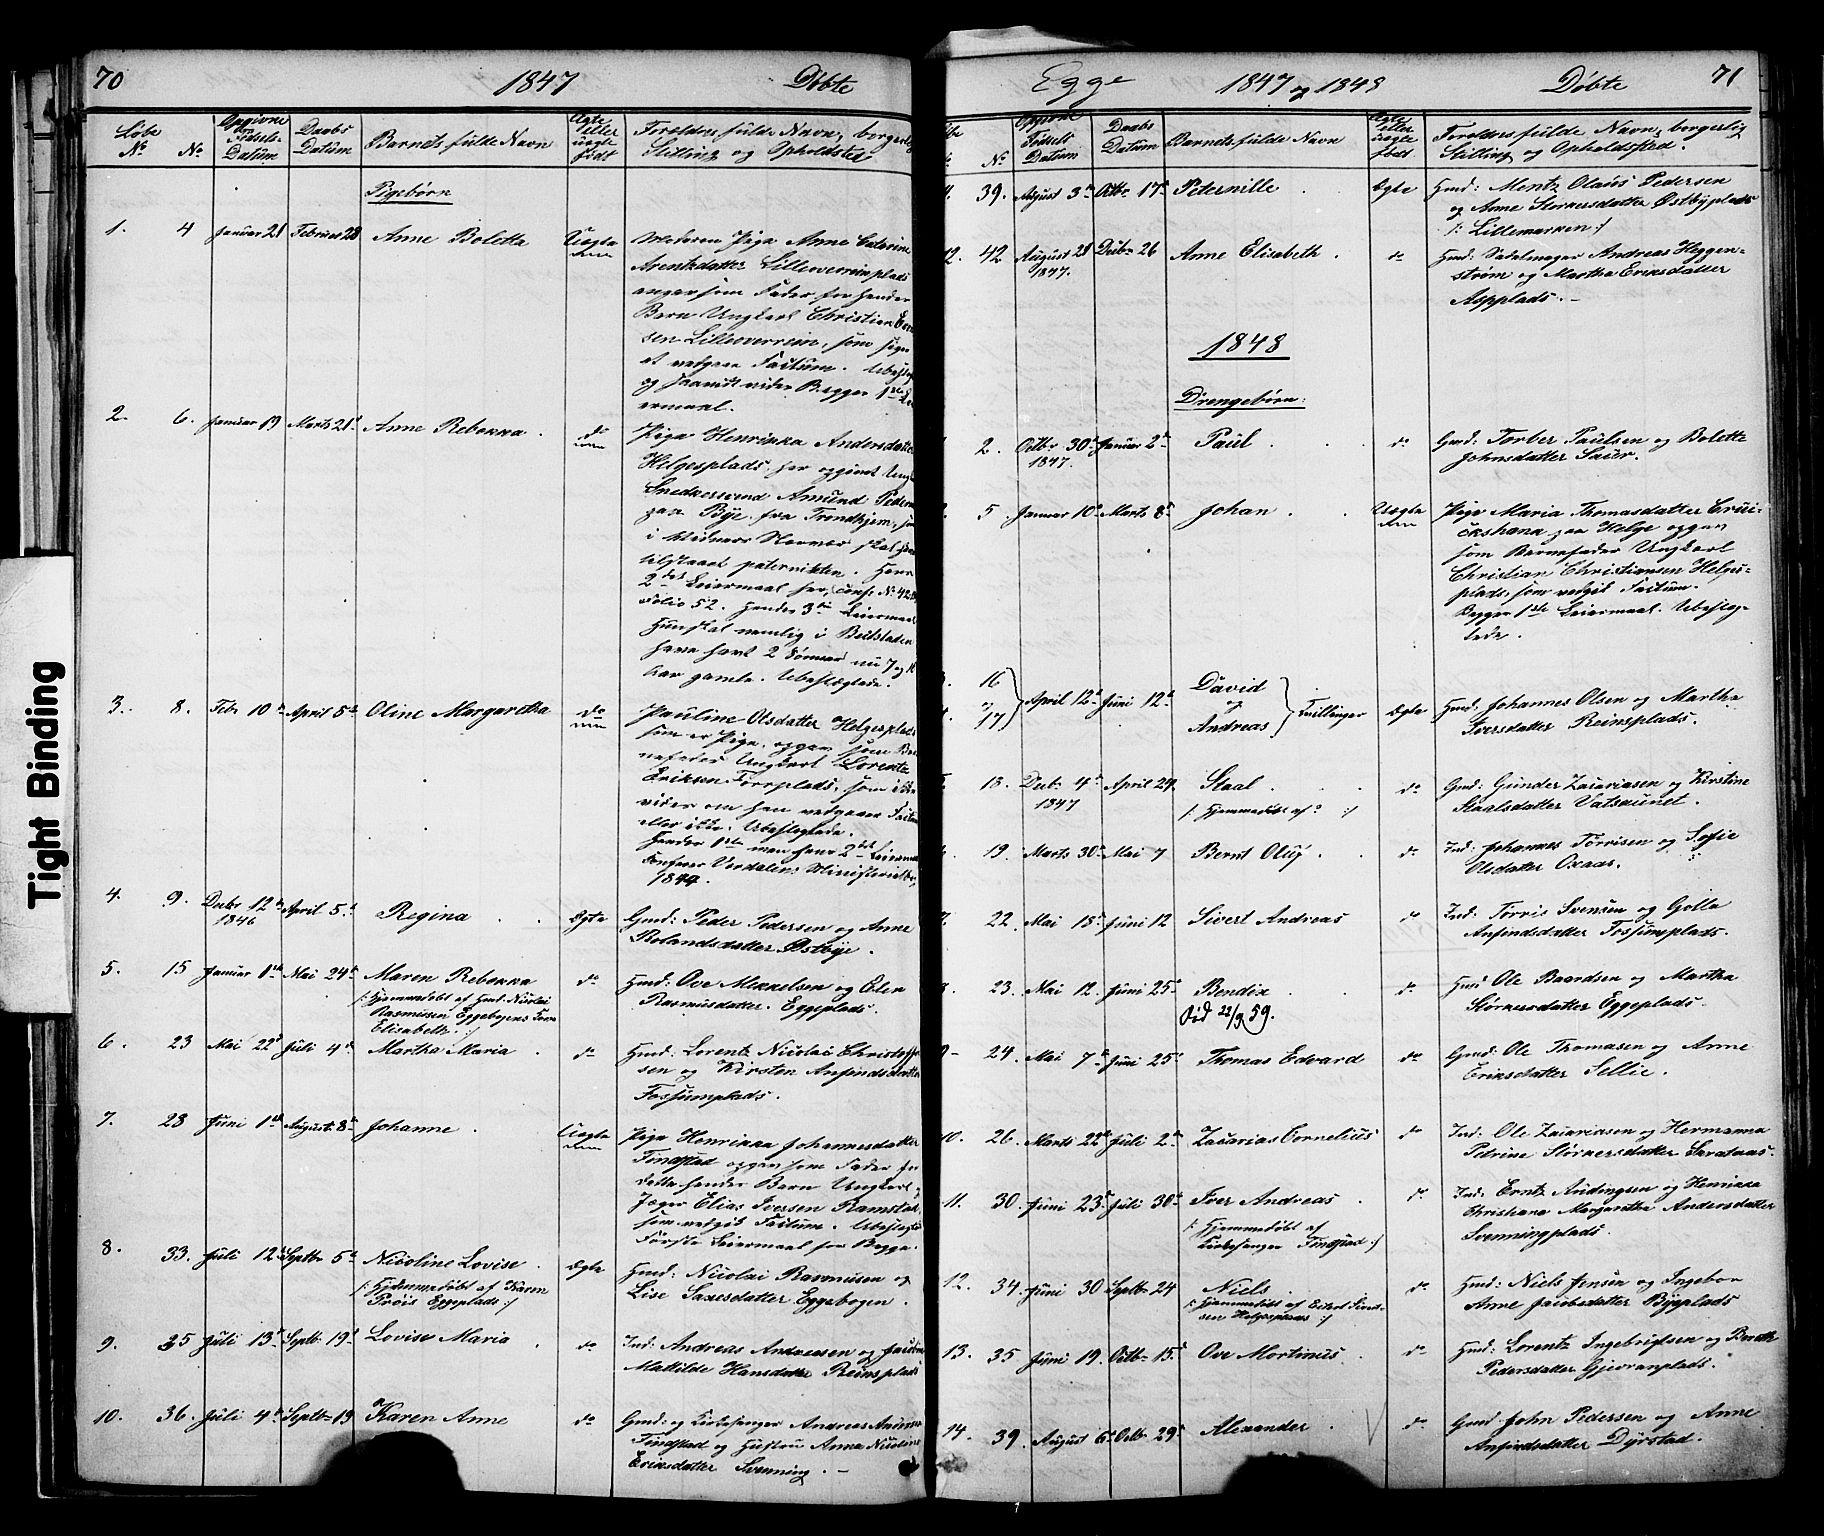 SAT, Ministerialprotokoller, klokkerbøker og fødselsregistre - Nord-Trøndelag, 739/L0367: Ministerialbok nr. 739A01 /3, 1838-1868, s. 70-71